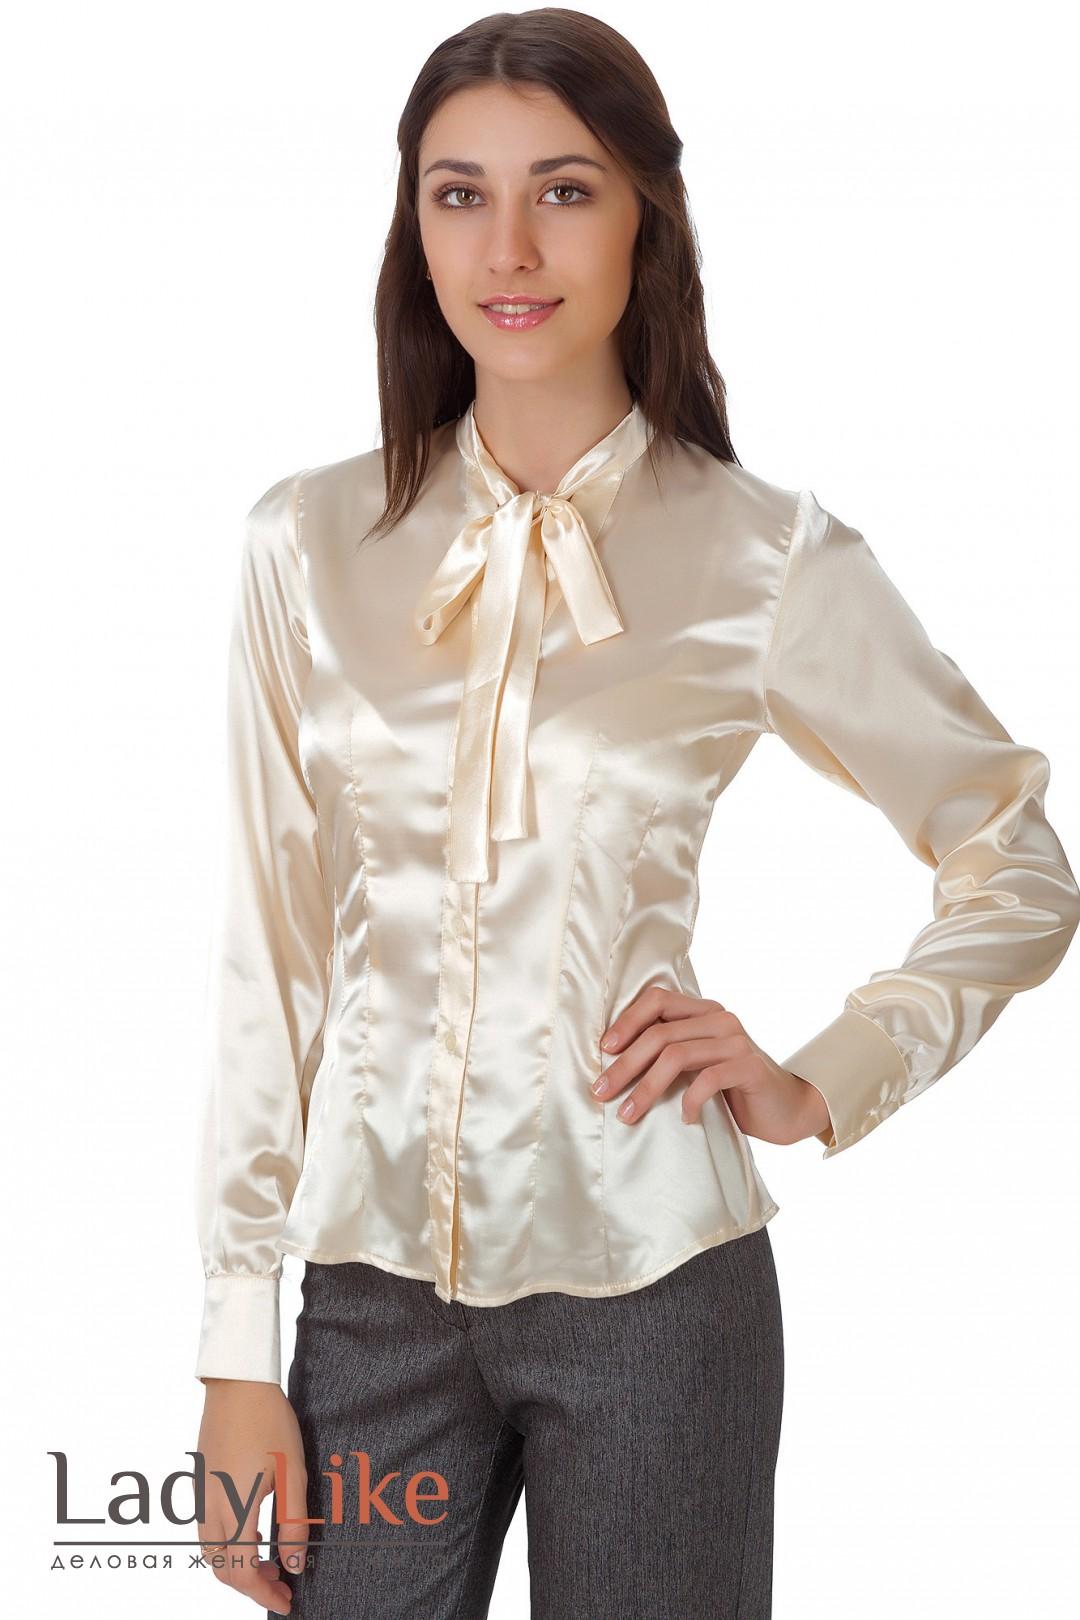 Купить Сиреневую Блузку Атласную Блузку В Интернет Магазине Недорого